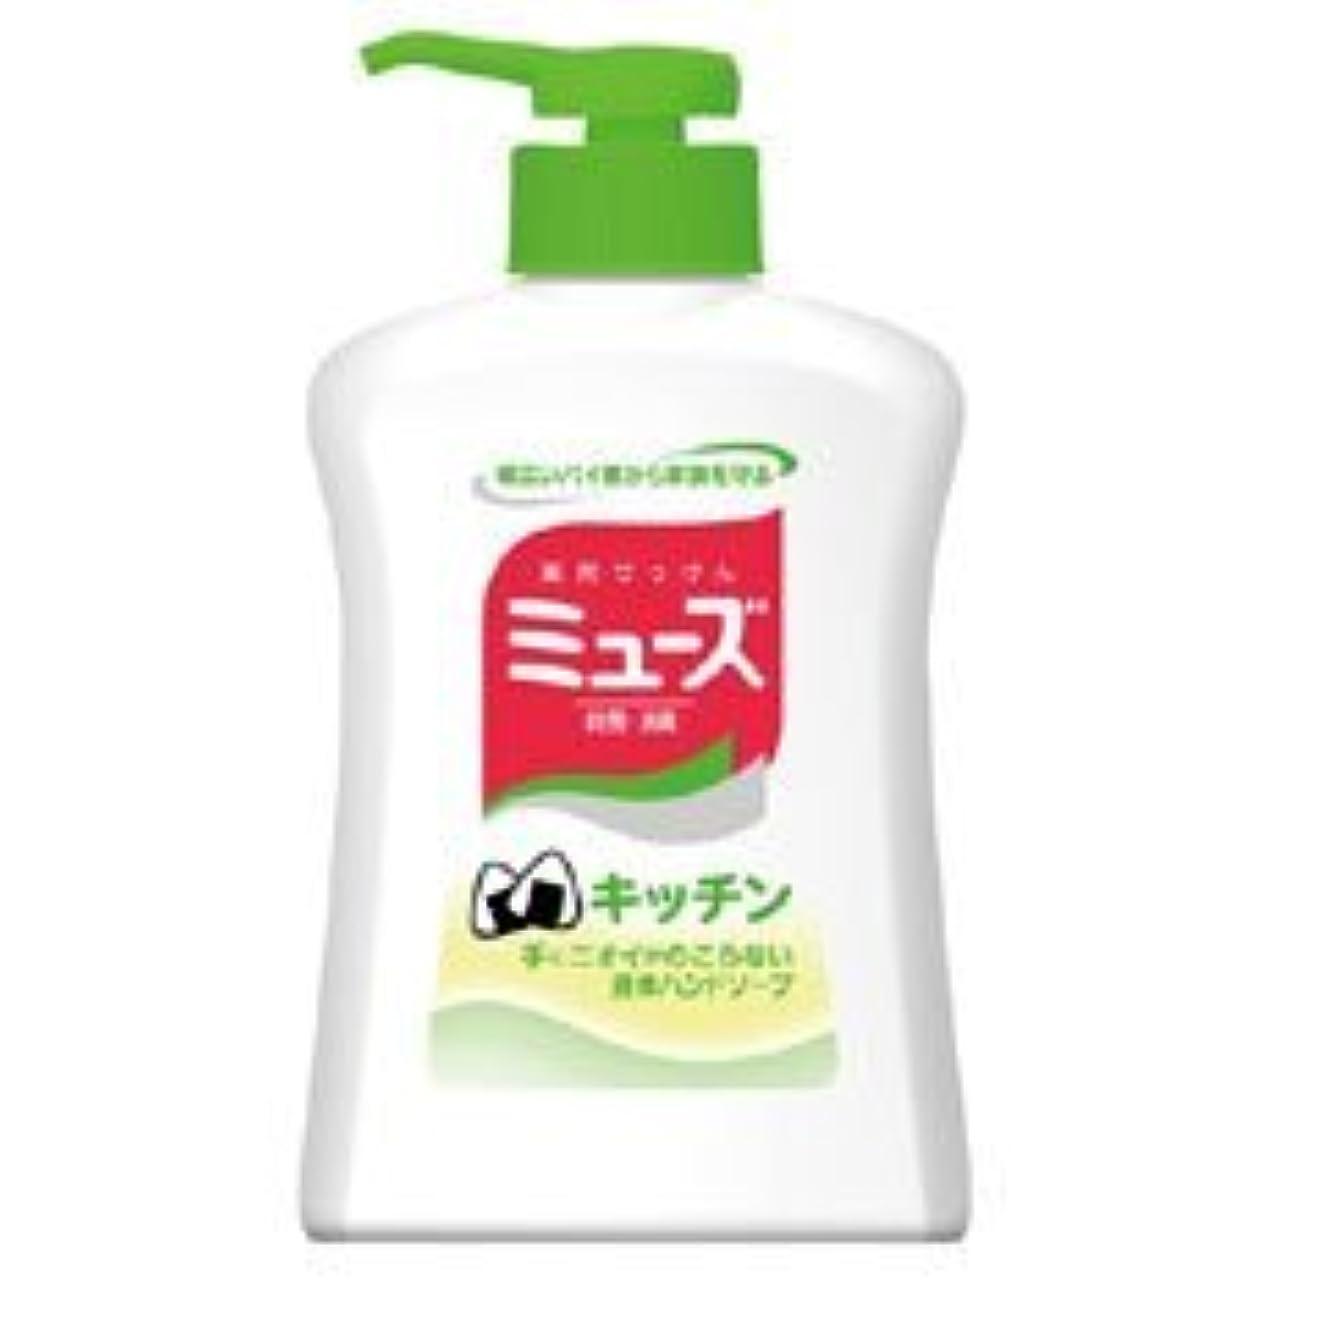 スーツマリンリテラシー【アース製薬】キッチンミューズ 本体 250ml